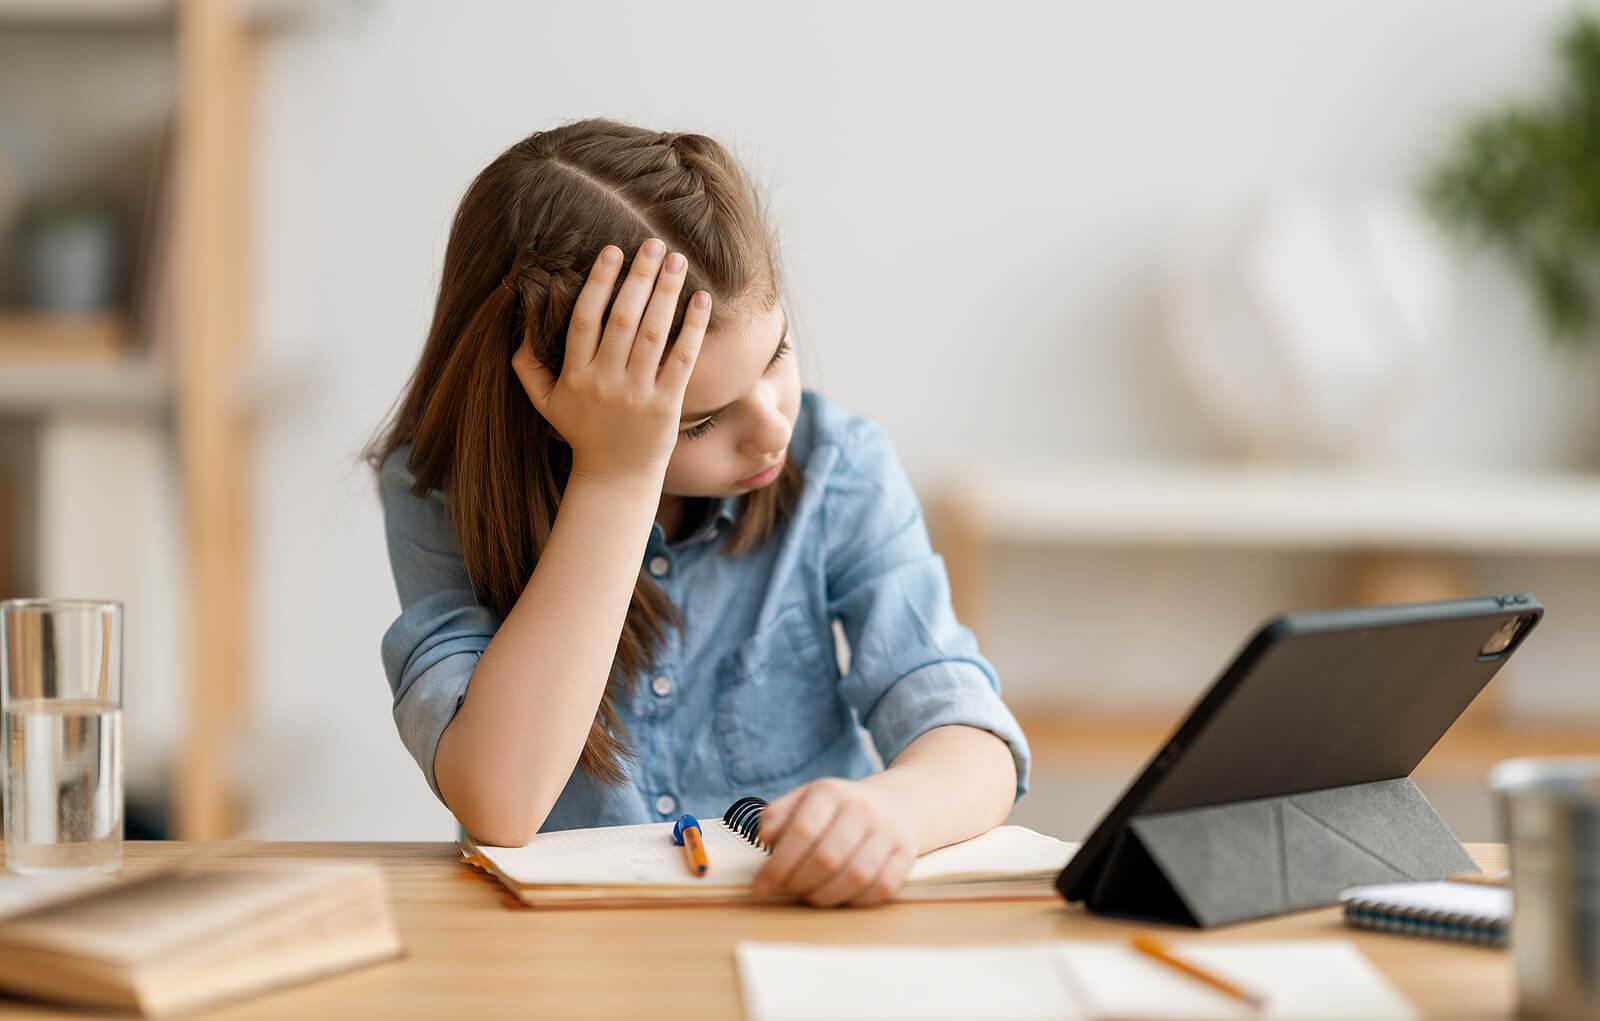 Niña haciendo los deberes frustada por su perfeccionismo en exceso.